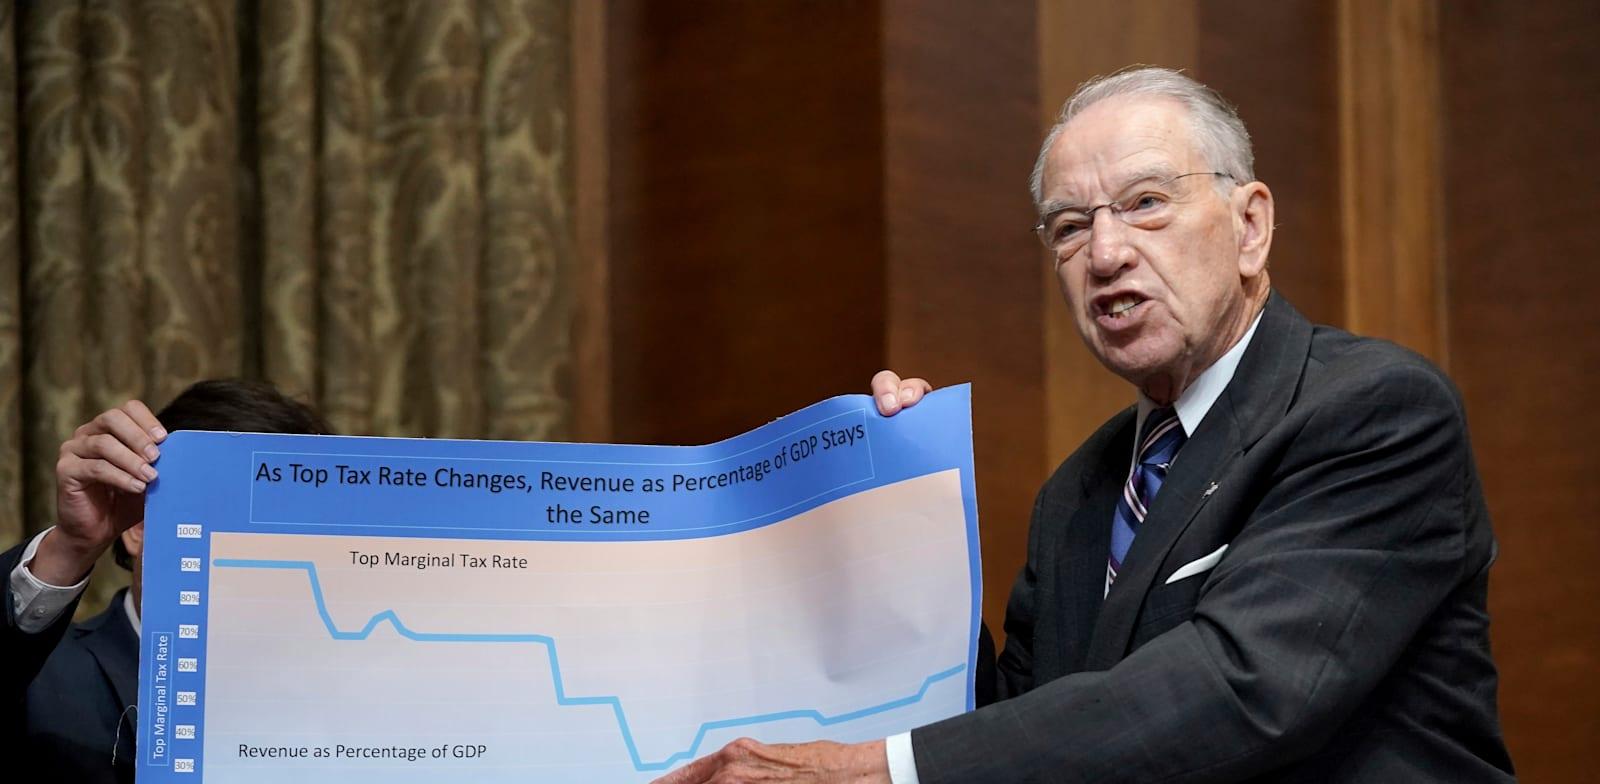 הסנאטור צ'אק גרסלי בדיוני התקציב. רגולציה הדוקה יותר / צילום: Associated Press, Greg Nash